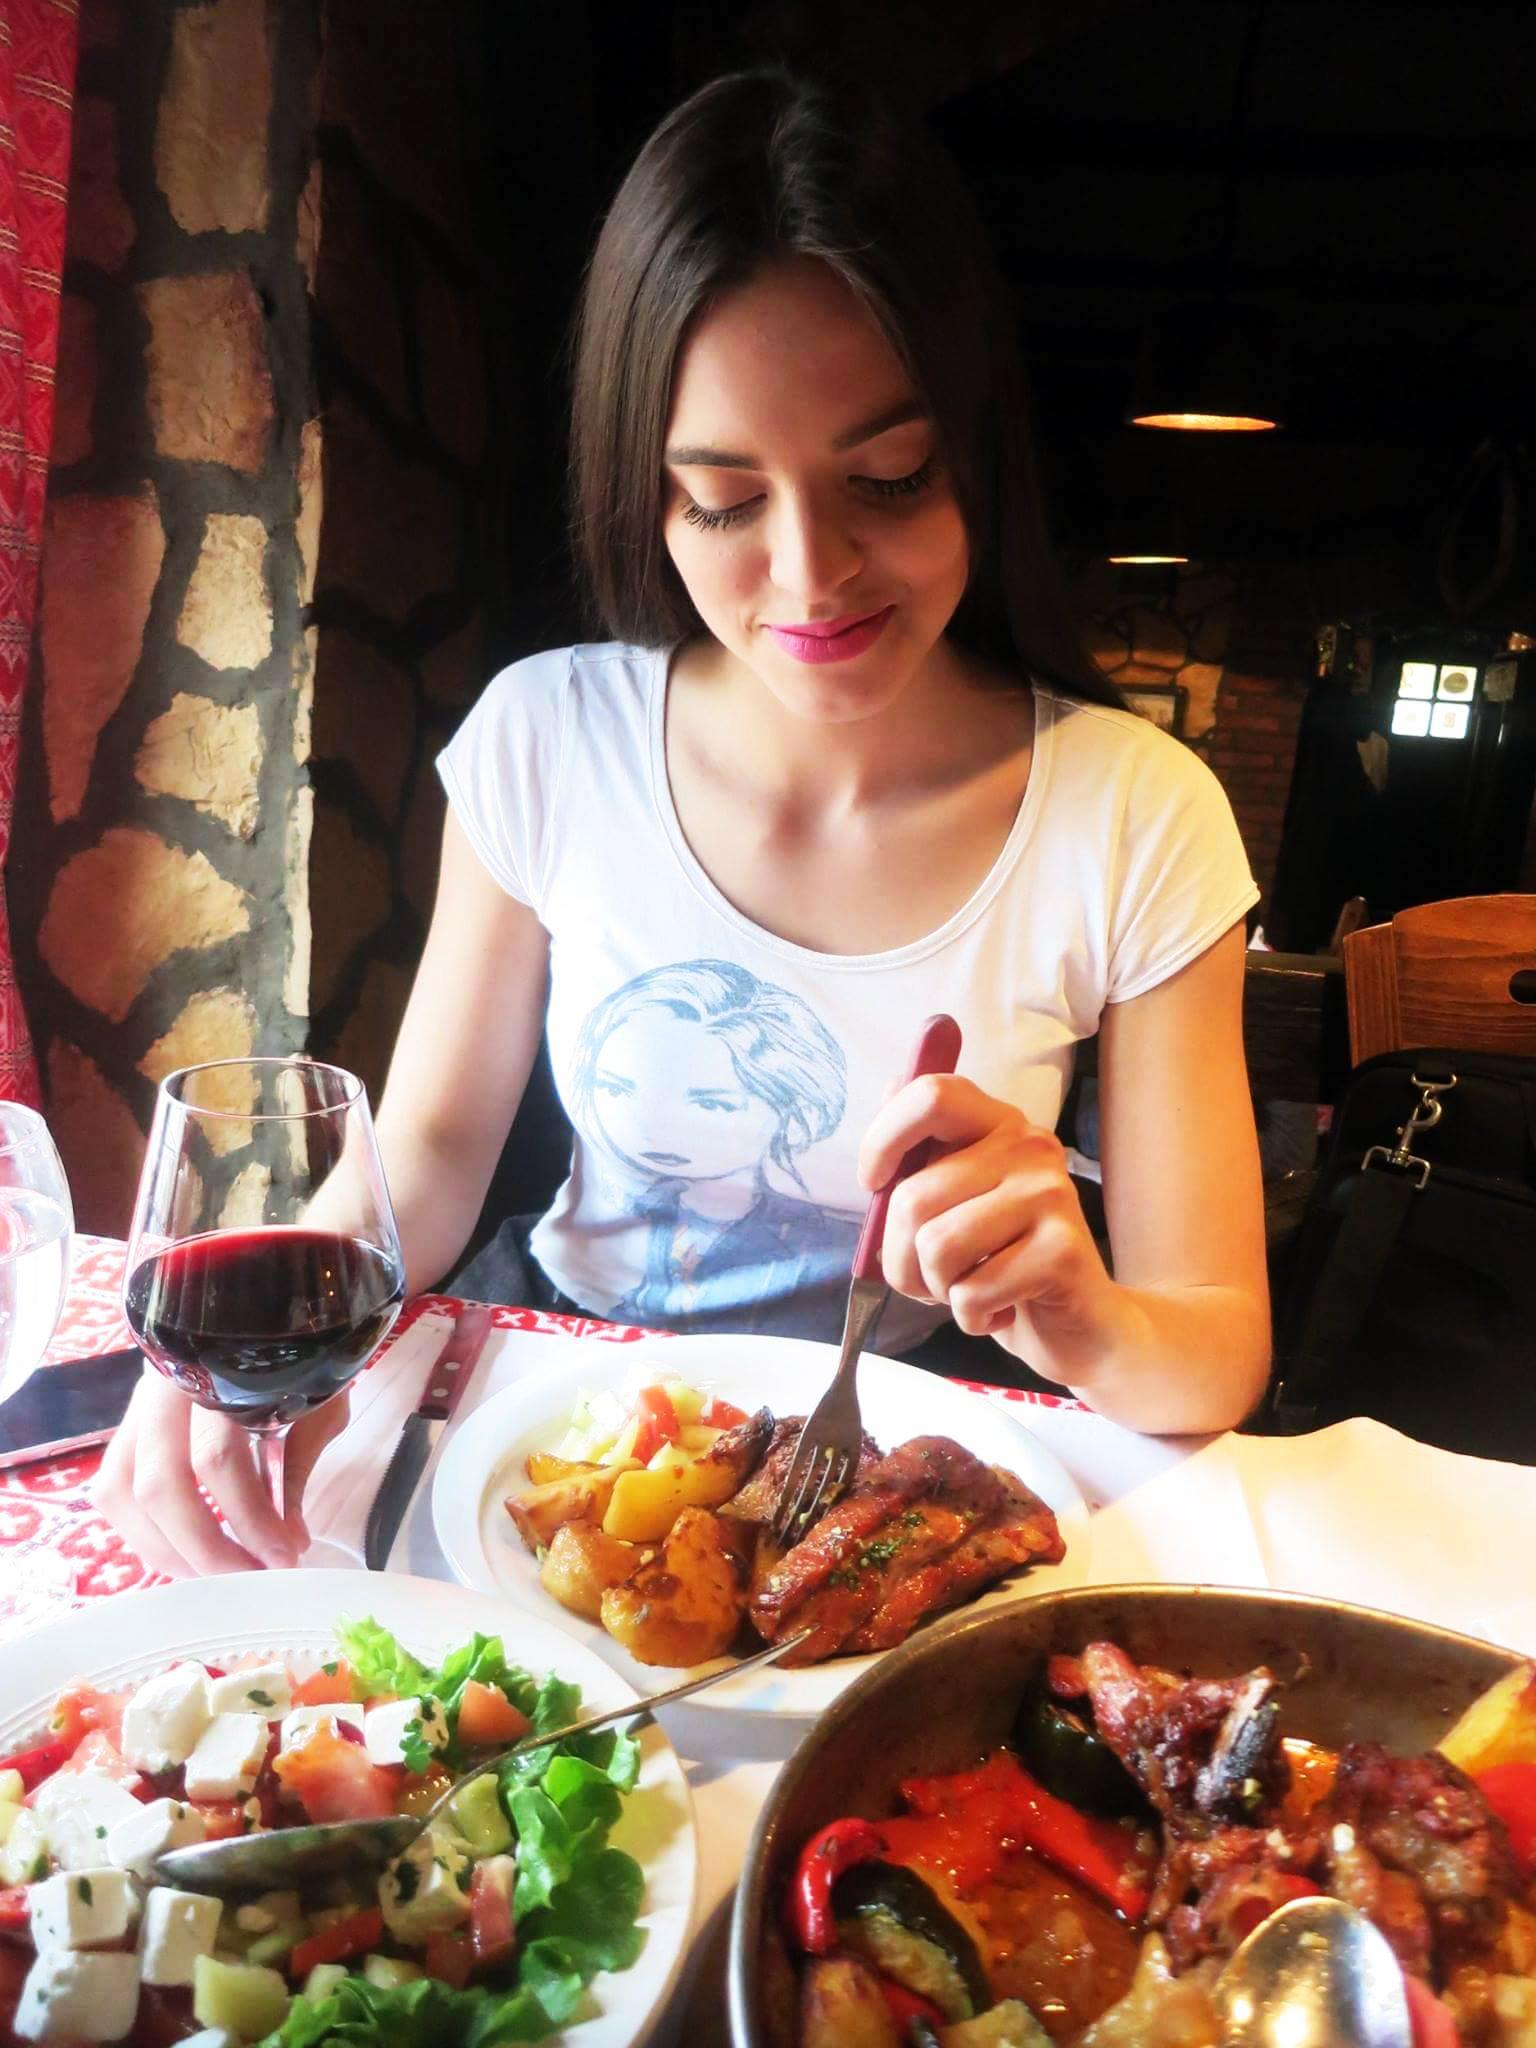 Irena je izbjegavala salatu jer pazi na liniju. Samo teletina i janjetina:) Foto: Josip Novosel, Flash.hr